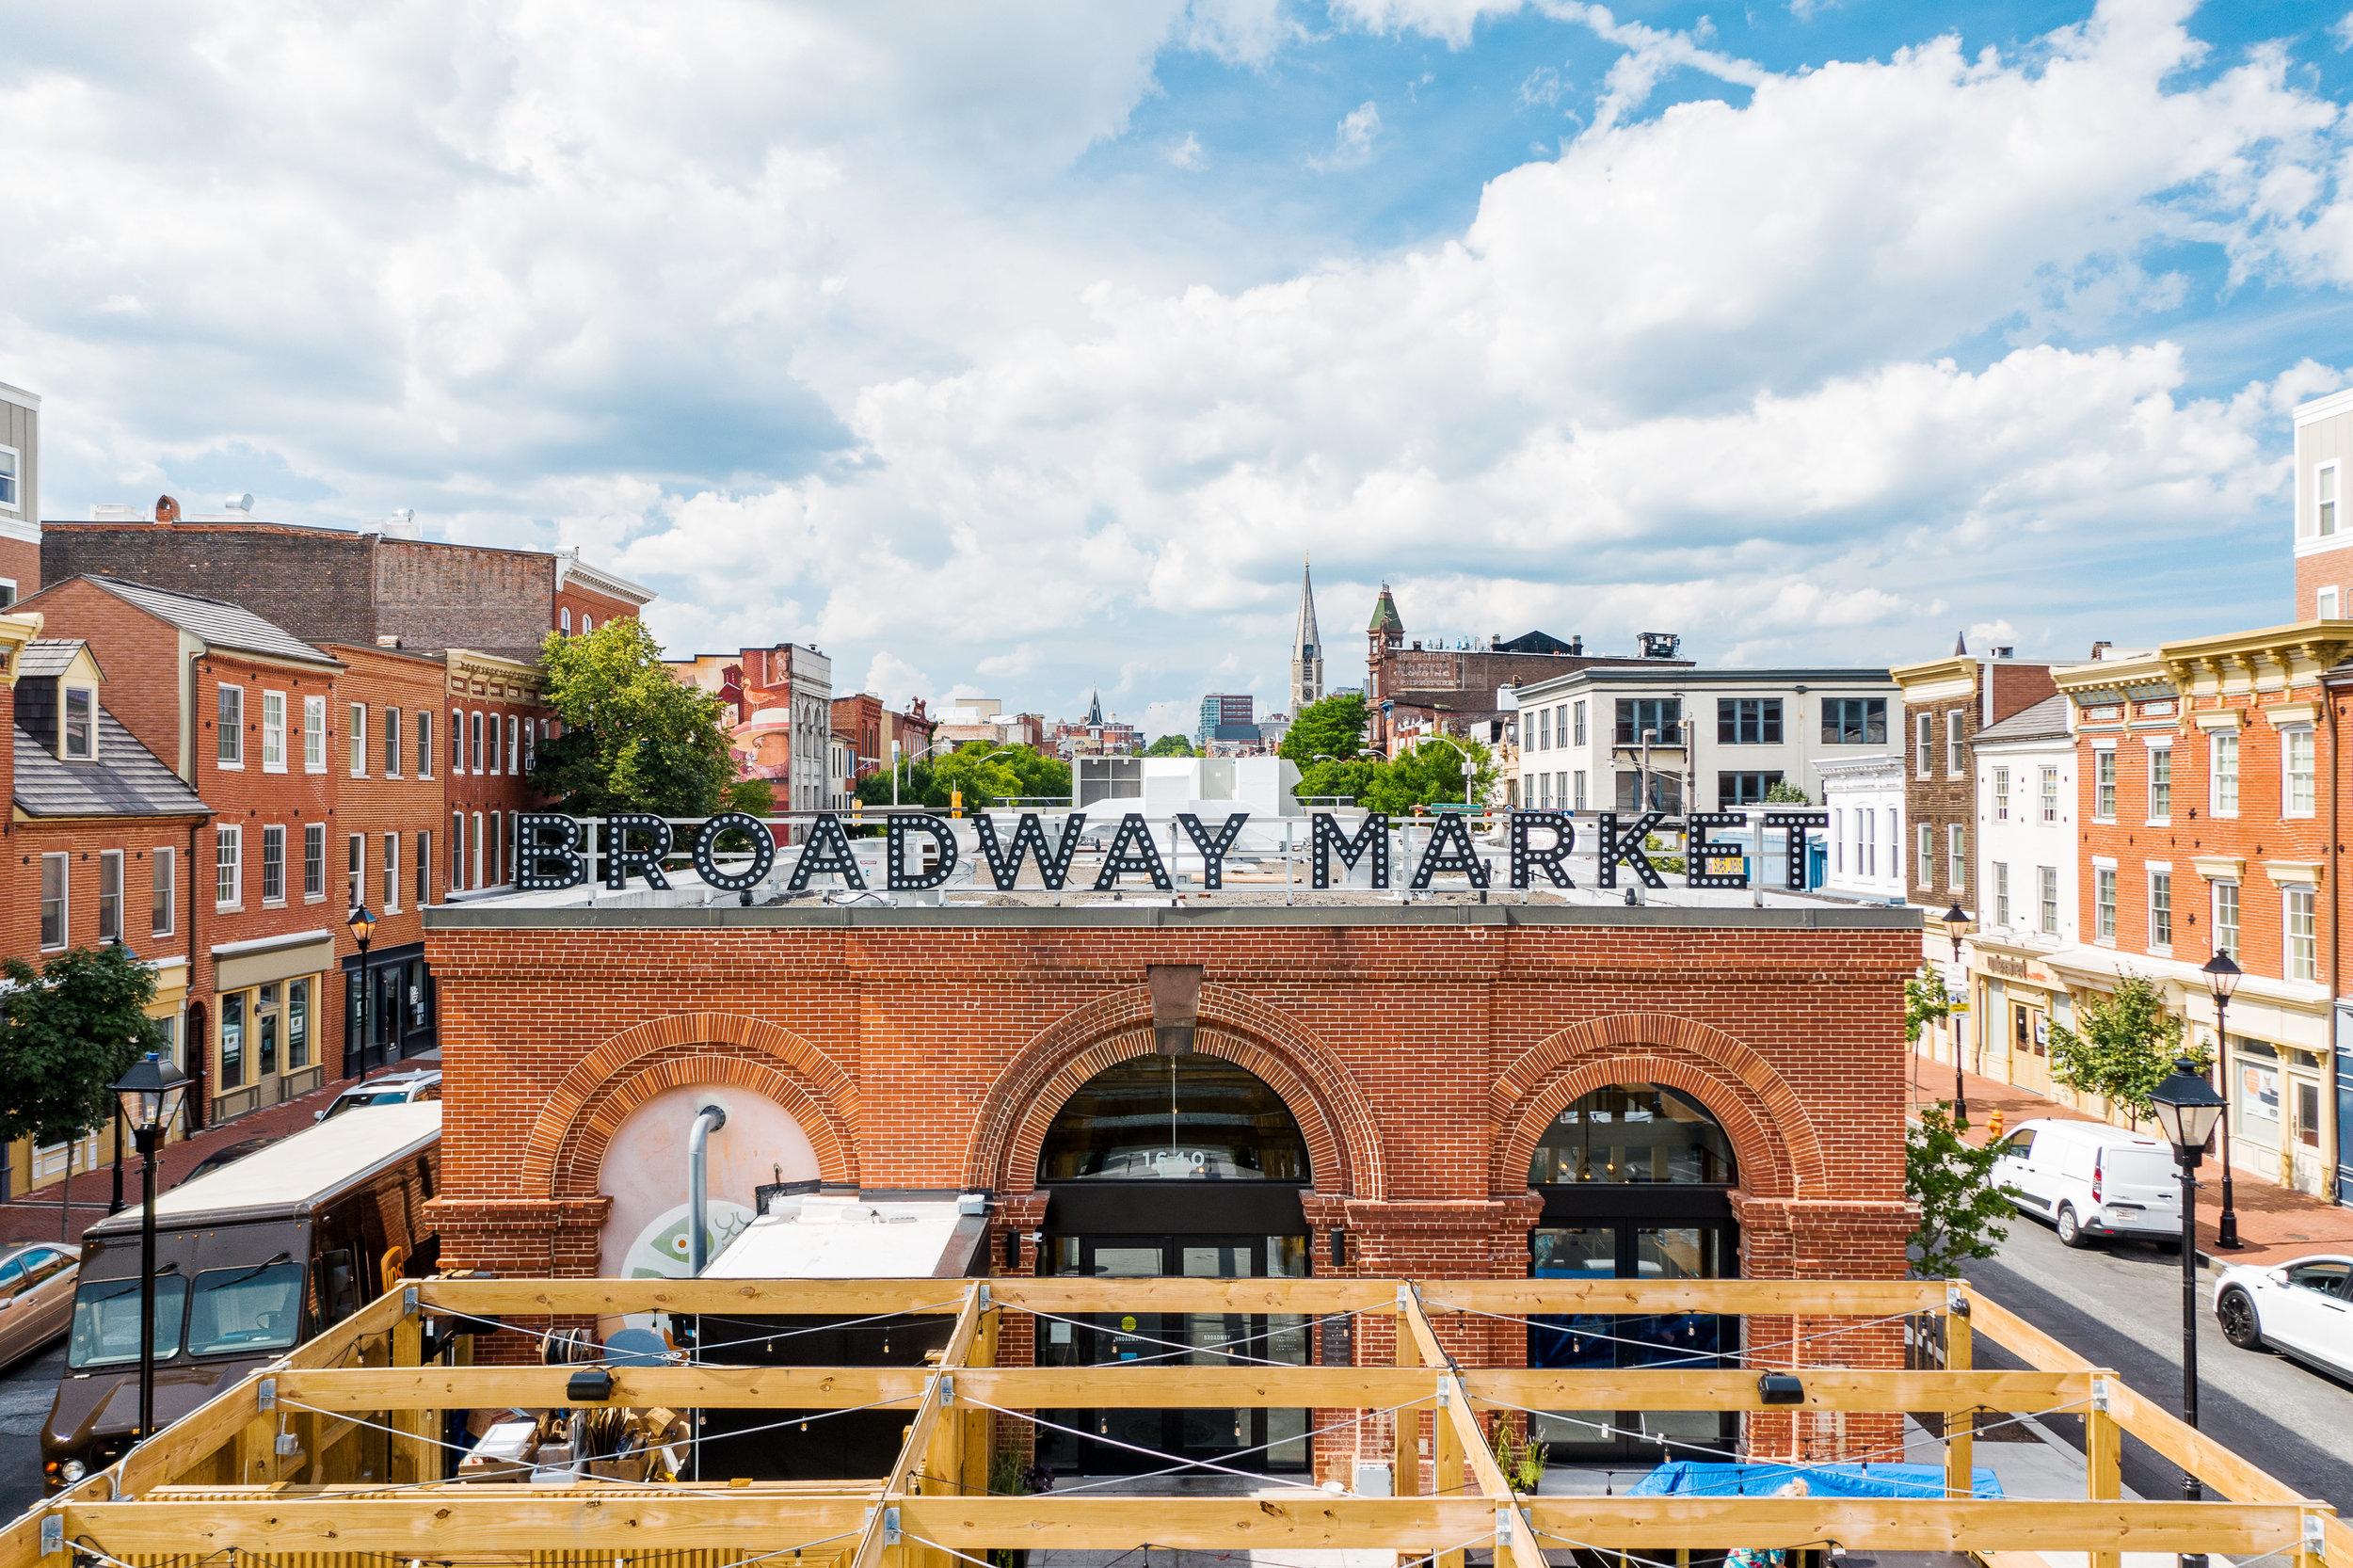 TBC Broadway Market June 2019_Drone_62.jpg